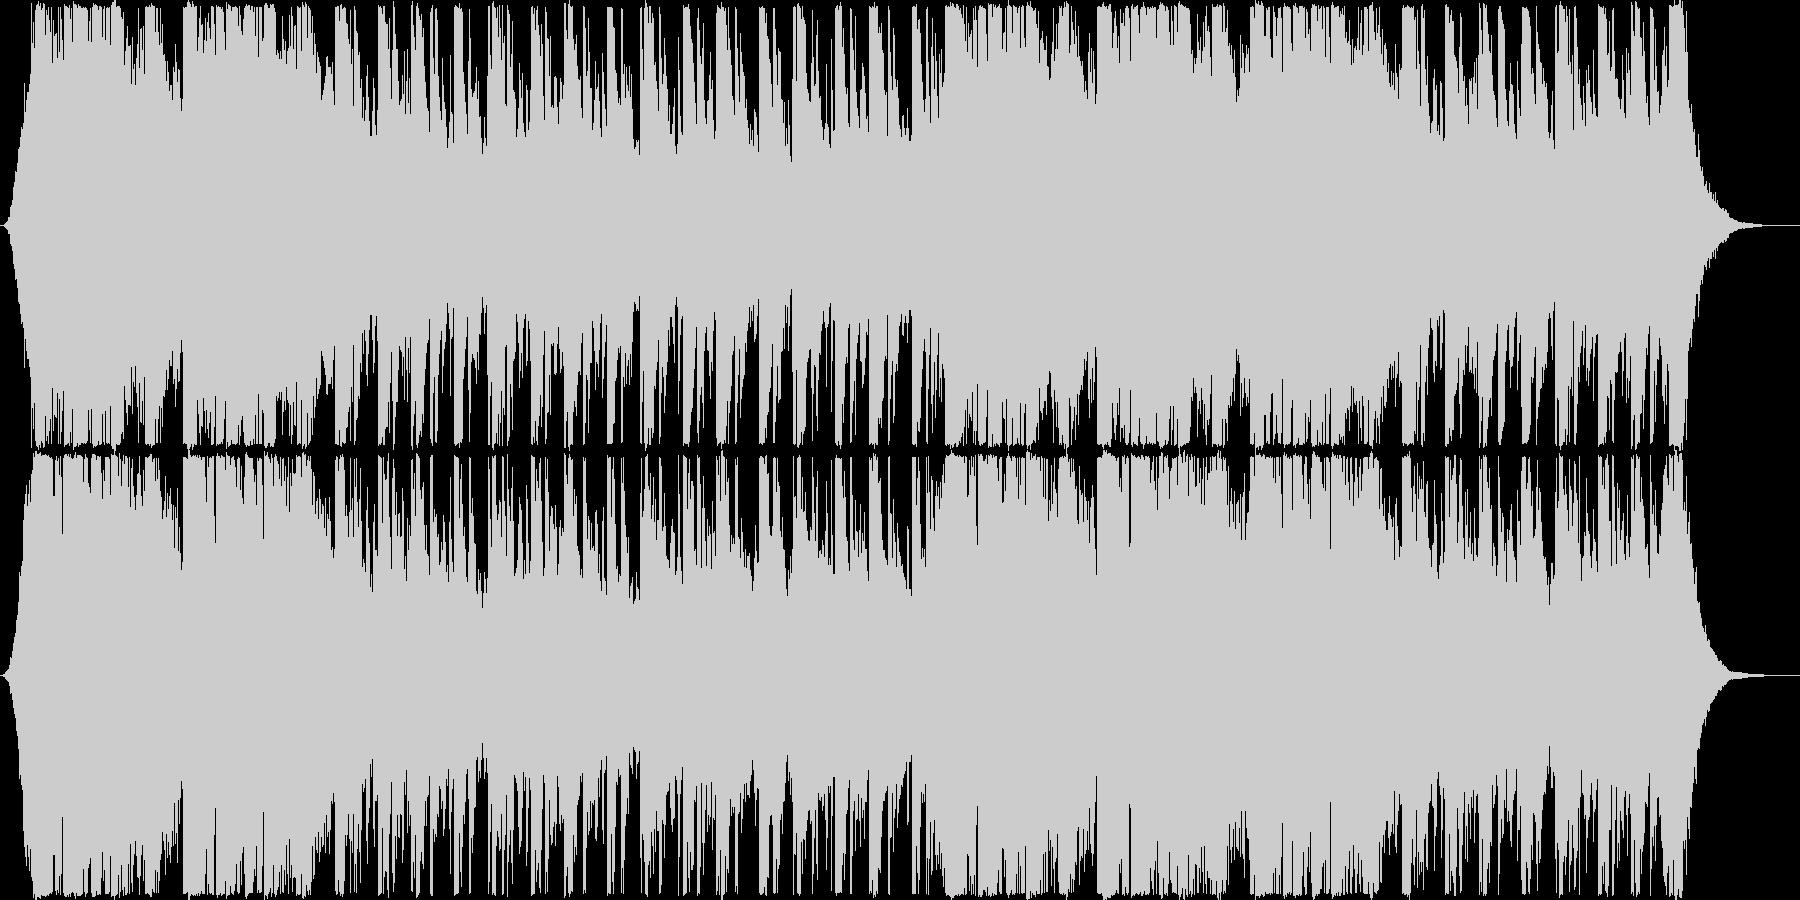 パンチの効いたオープニング/映画・ゲームの未再生の波形